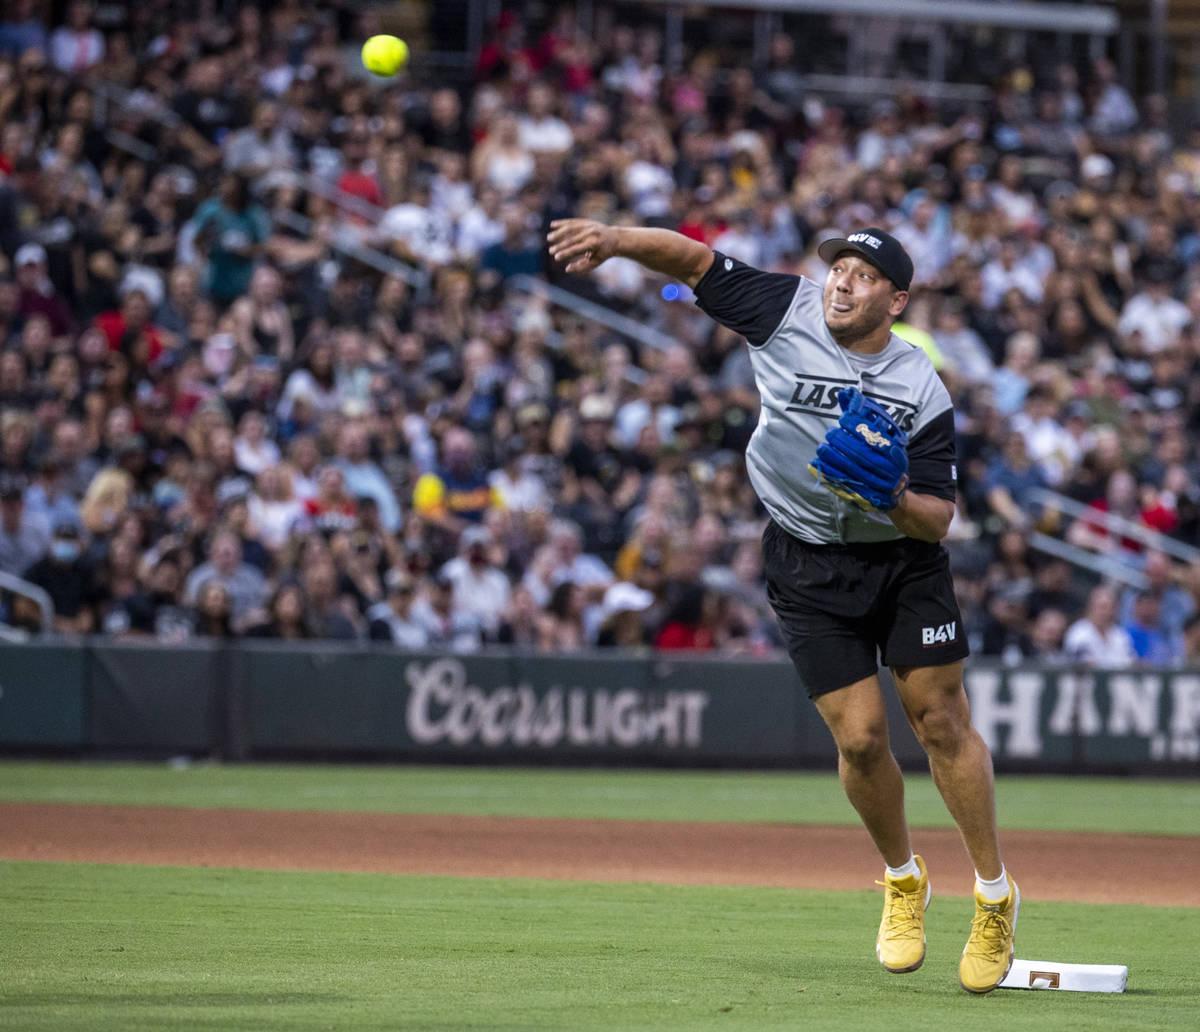 Alec Ingold (45) de Las Vegas Raiders lanza la pelota durante un partido de softball para la ca ...